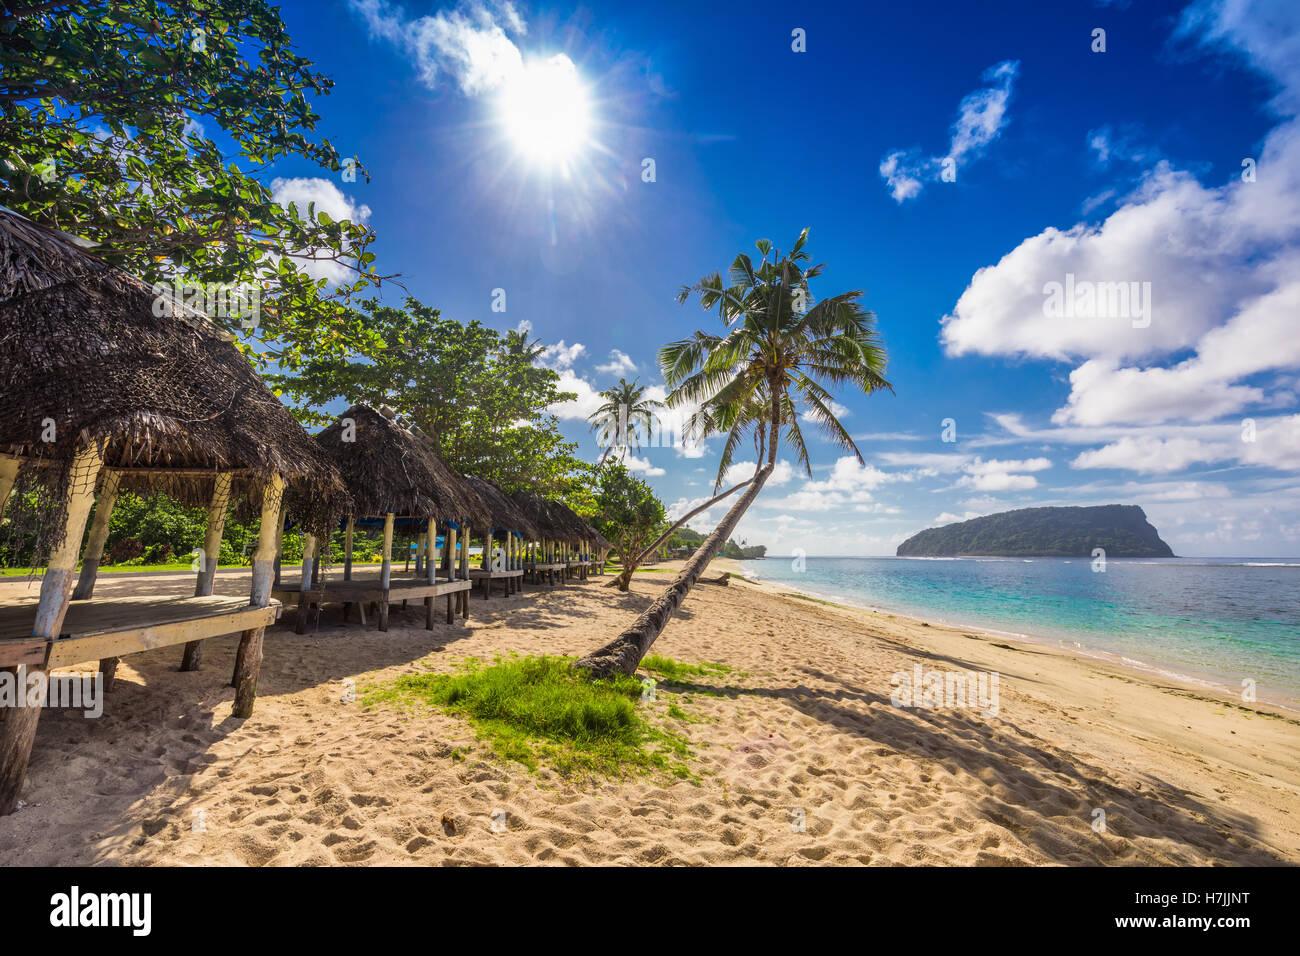 Spiaggia tropicale con palme di cocco e una spiaggia fale, Isole Samoa Immagini Stock